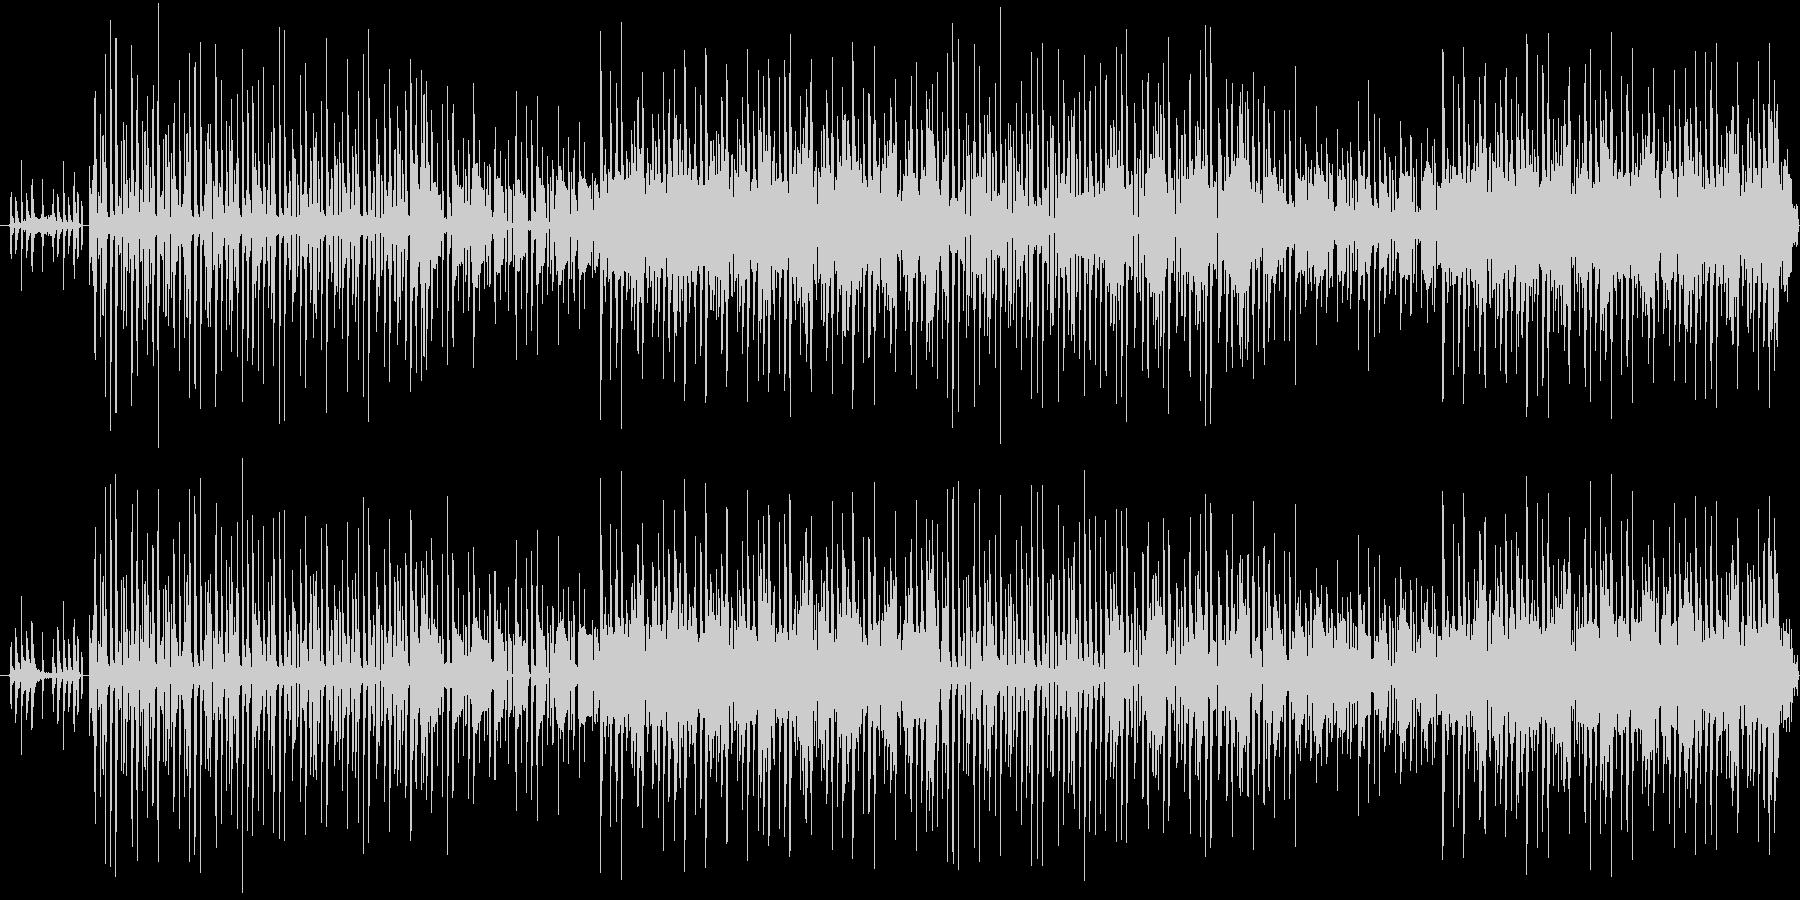 コミカルな曲調で柔らかい雰囲気のBGMの未再生の波形